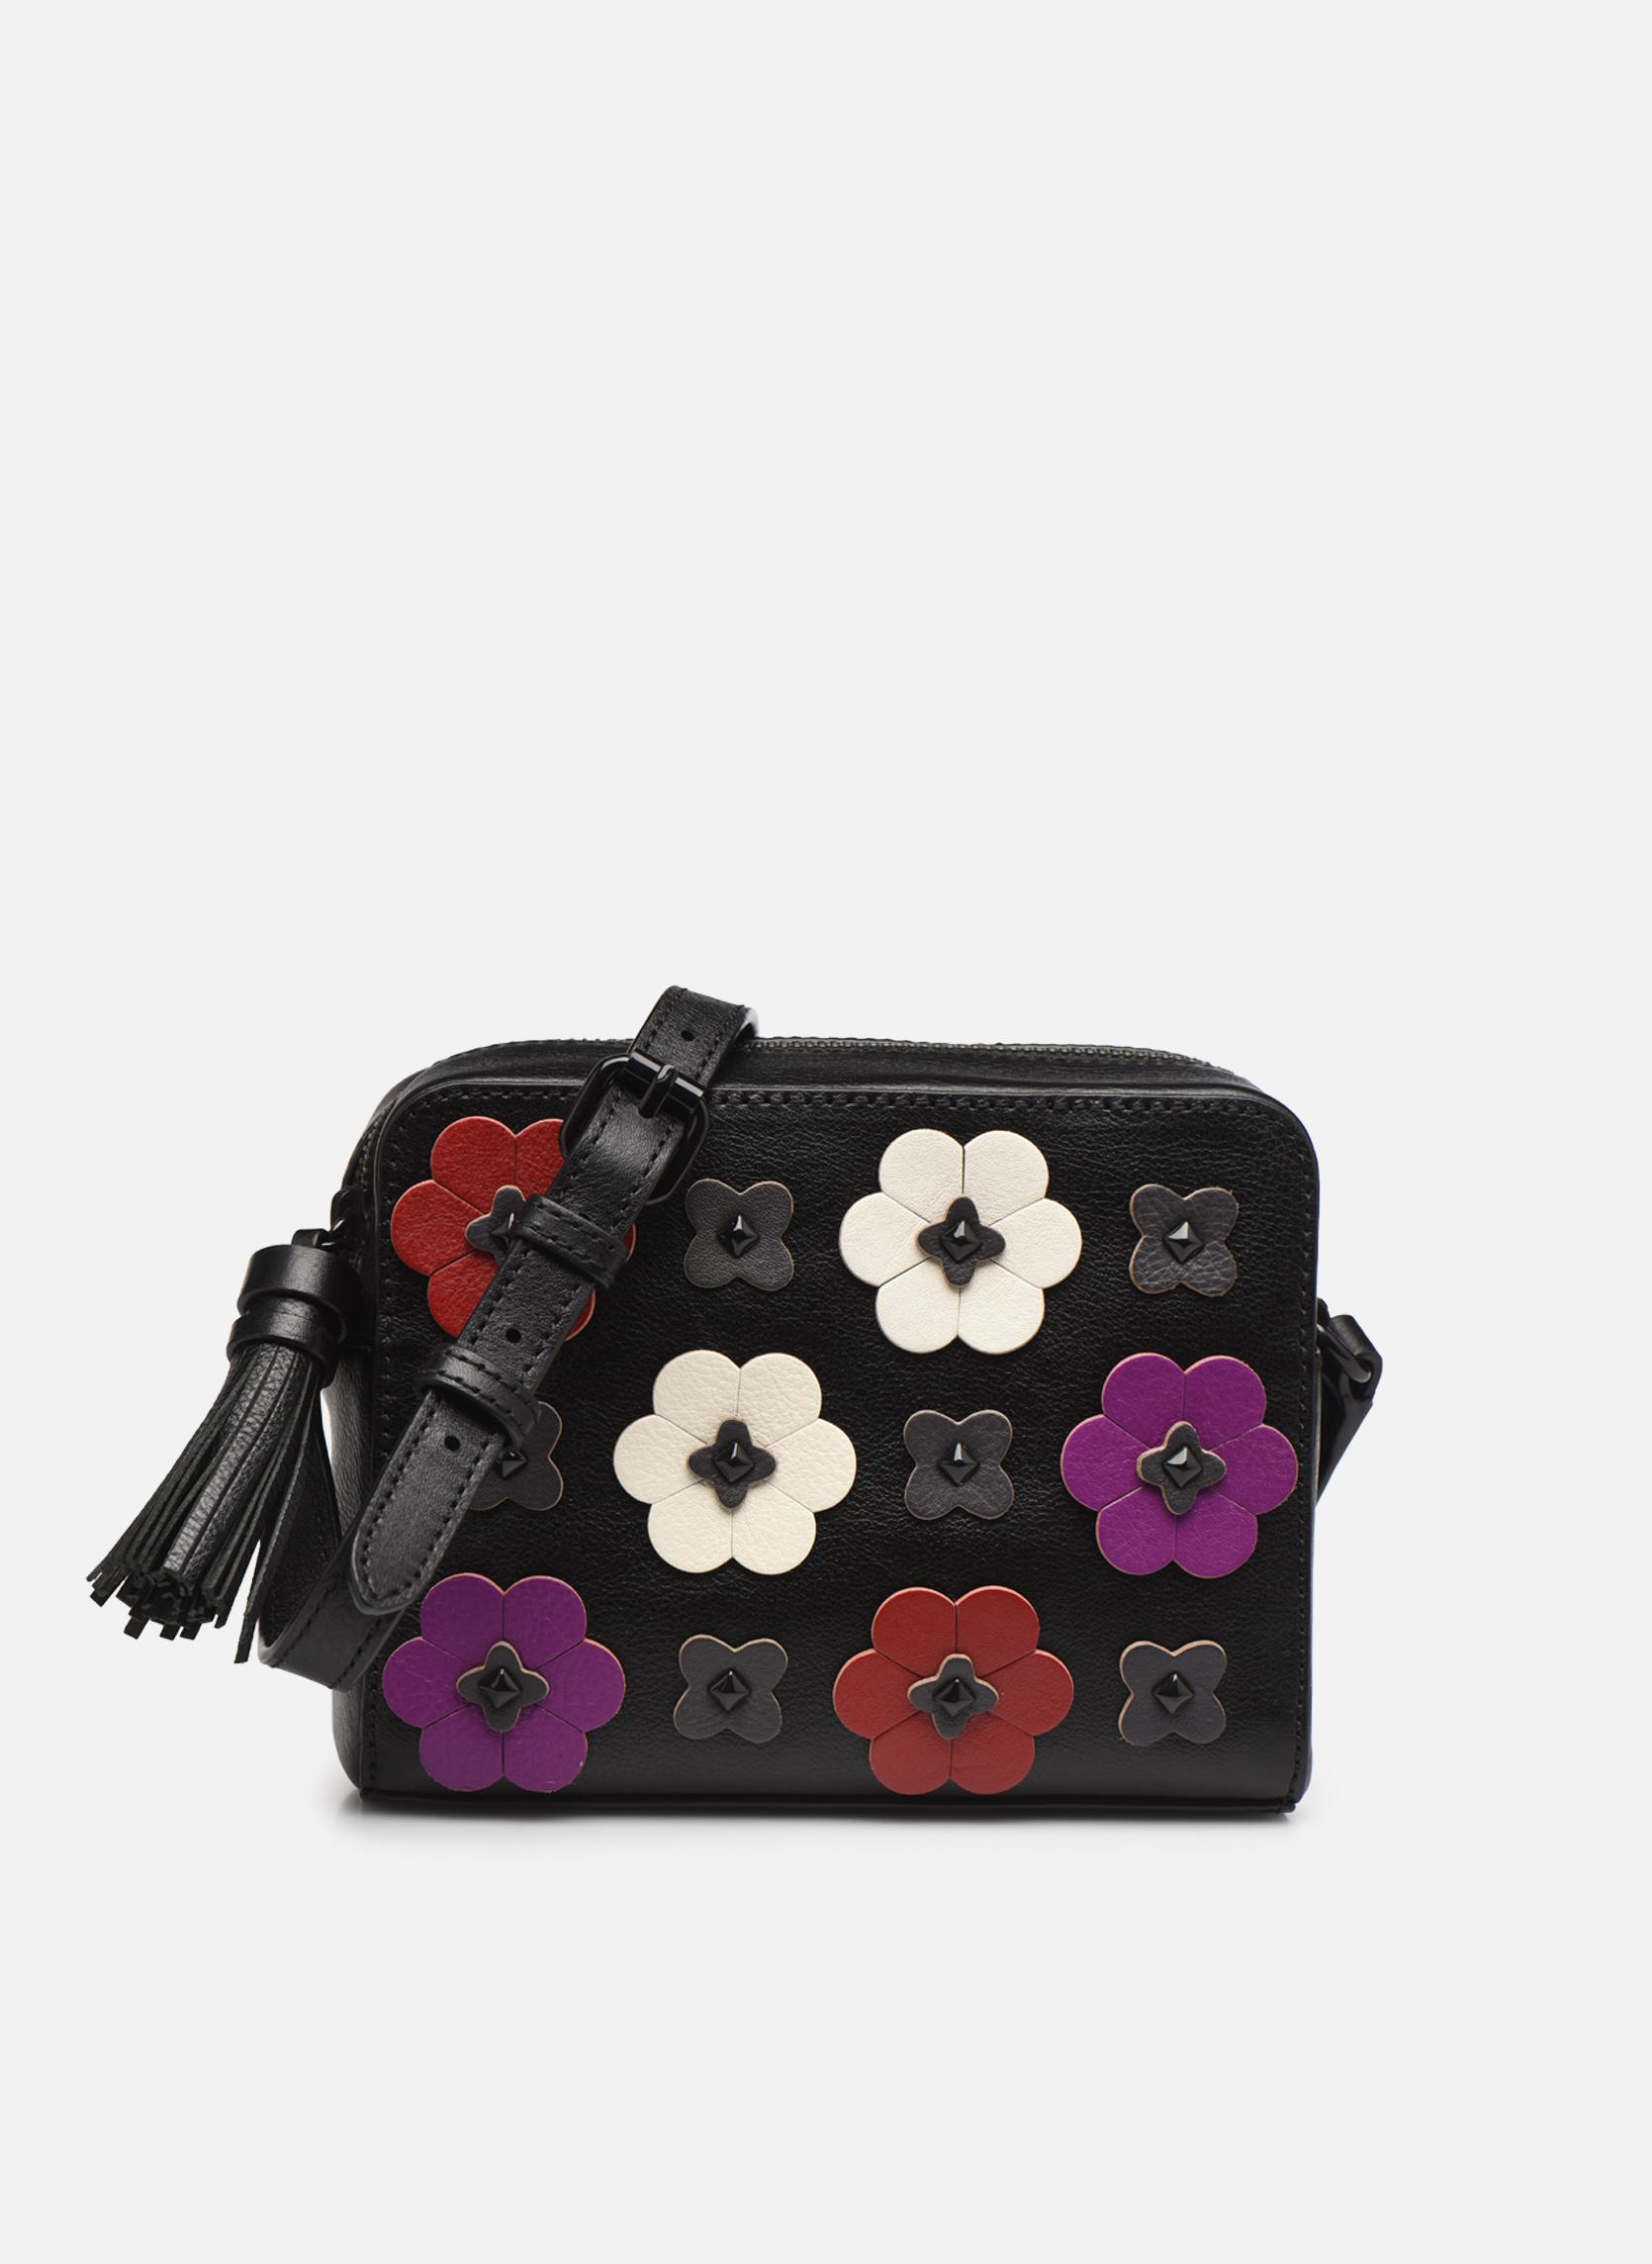 Håndtasker Tasker Floral Applique Camera bag